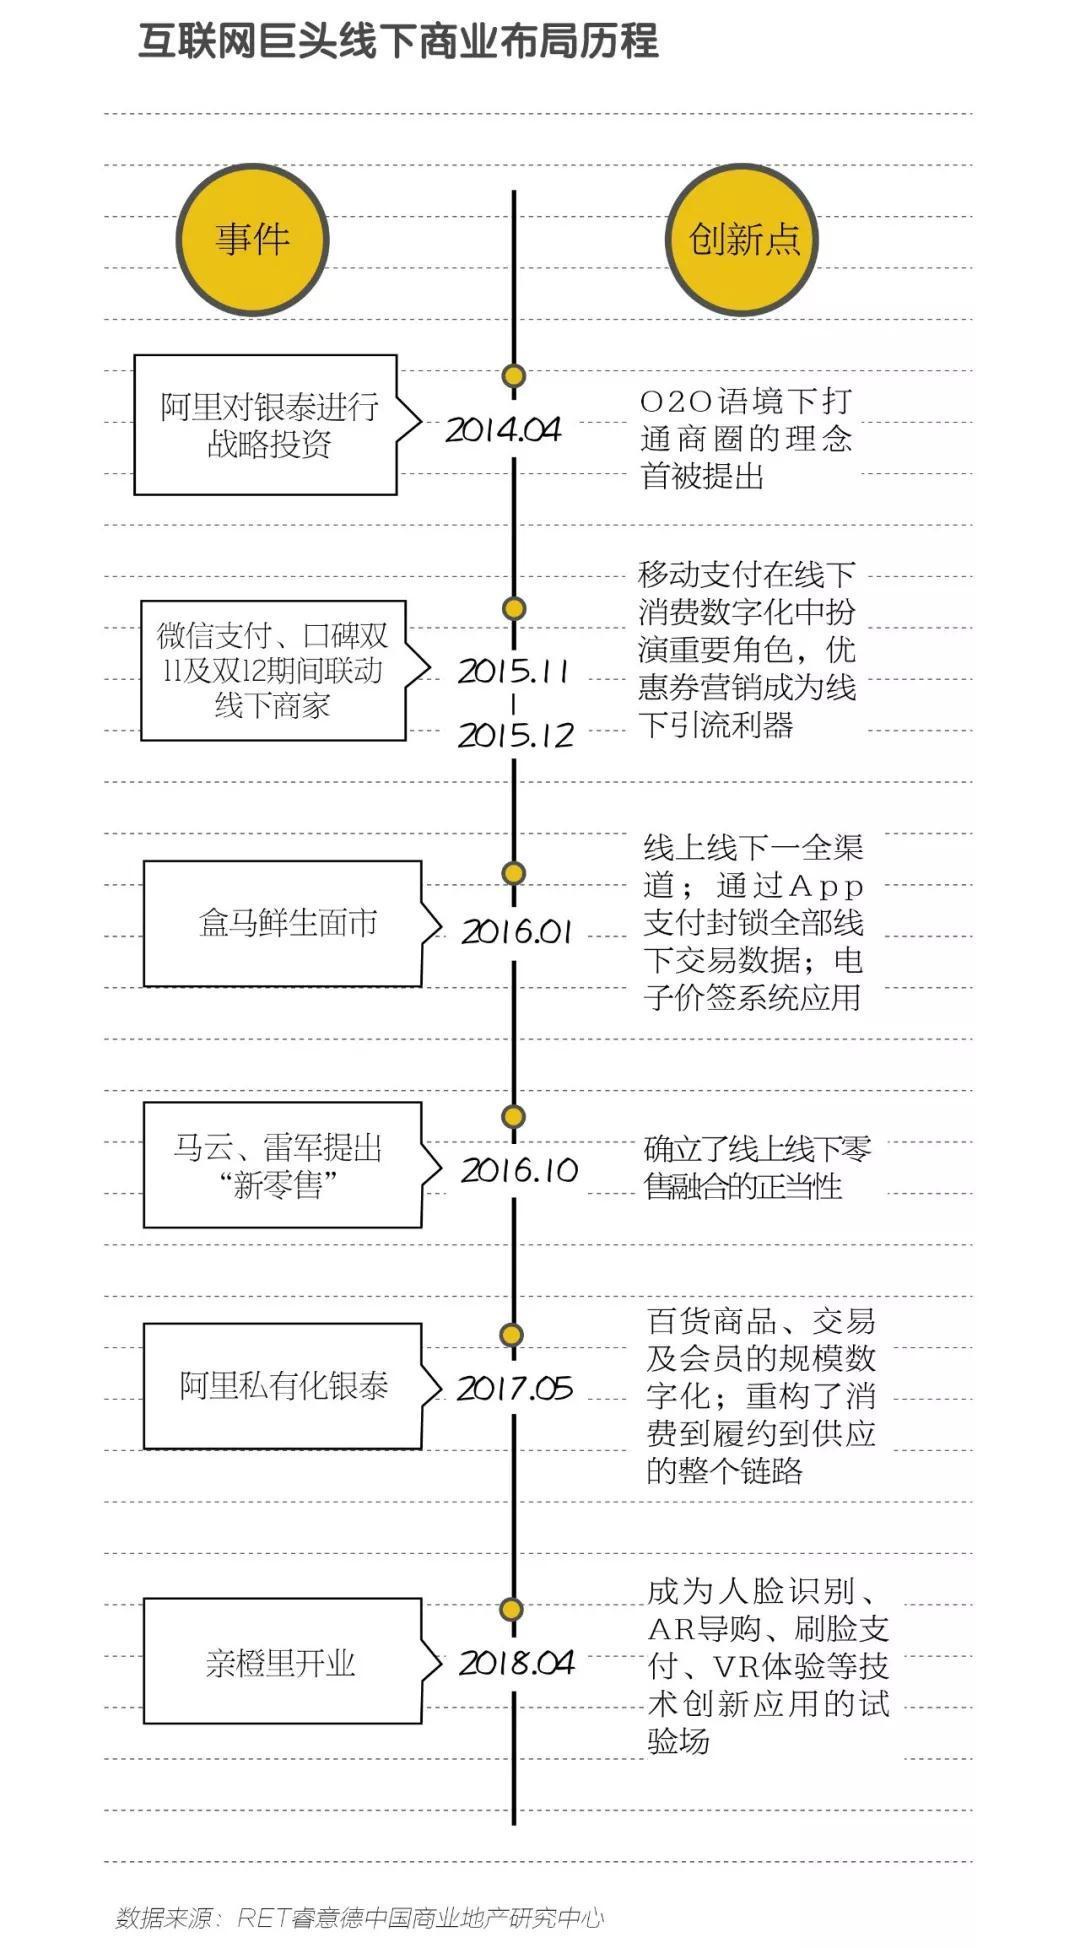 湖南天邦投资集团有限公司